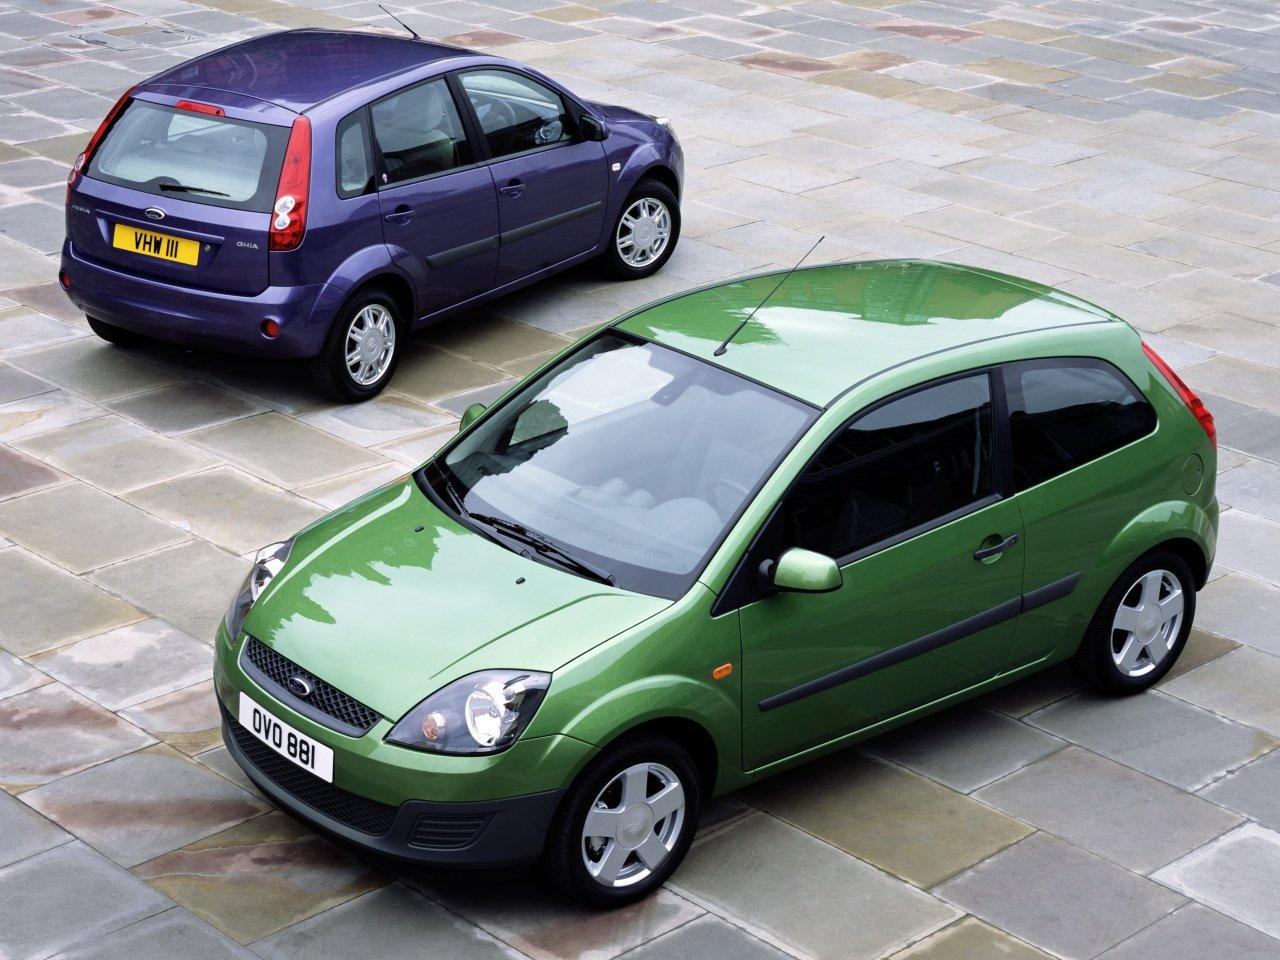 Рейтинг Лучших автомобилей 2010-2011: Лучшие доступные Маленькие Автомобили